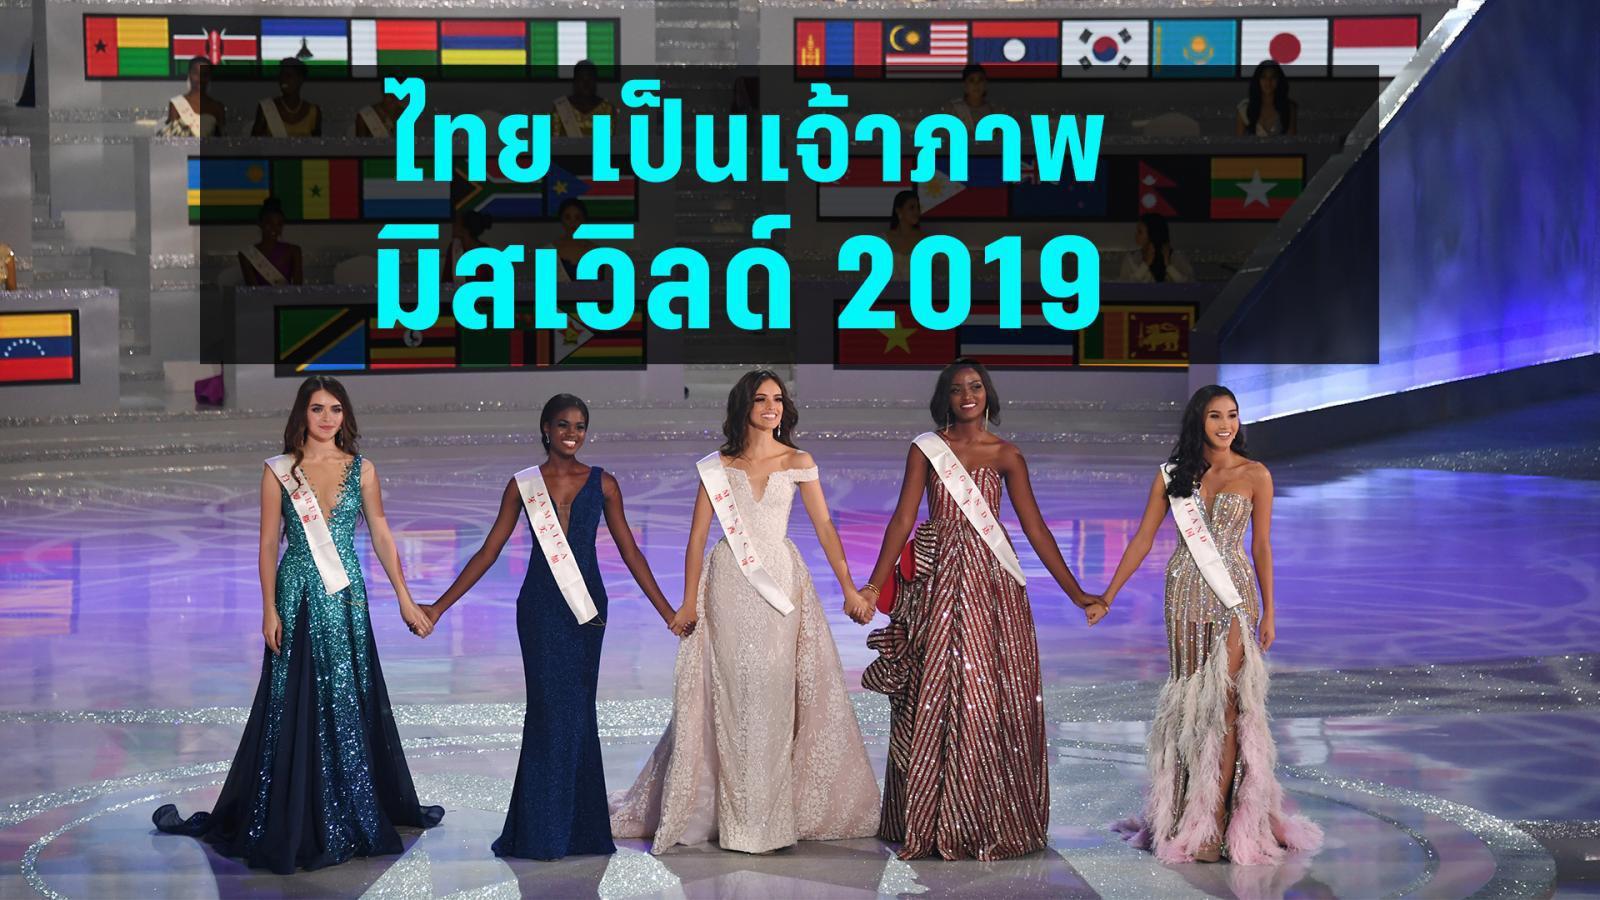 คอนเฟิร์มแล้ว มิสเวิลด์ 2019 จัดในไทย